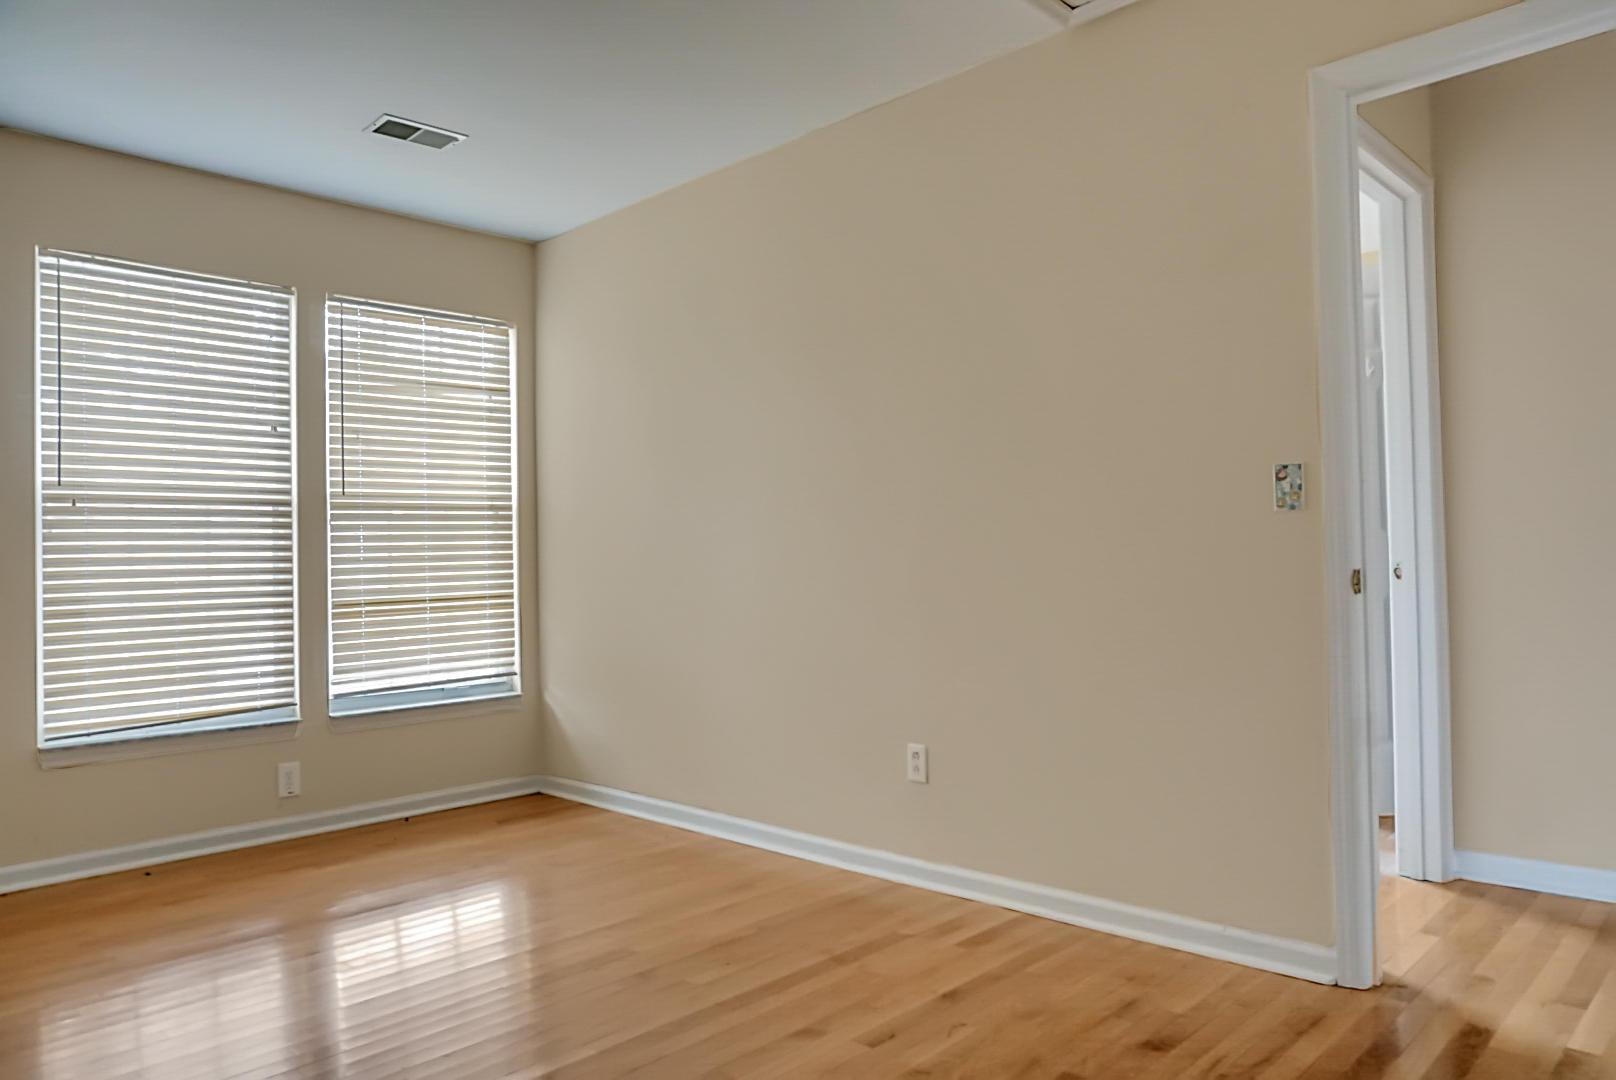 Dunes West Homes For Sale - 3209 Carmel Bay, Mount Pleasant, SC - 10